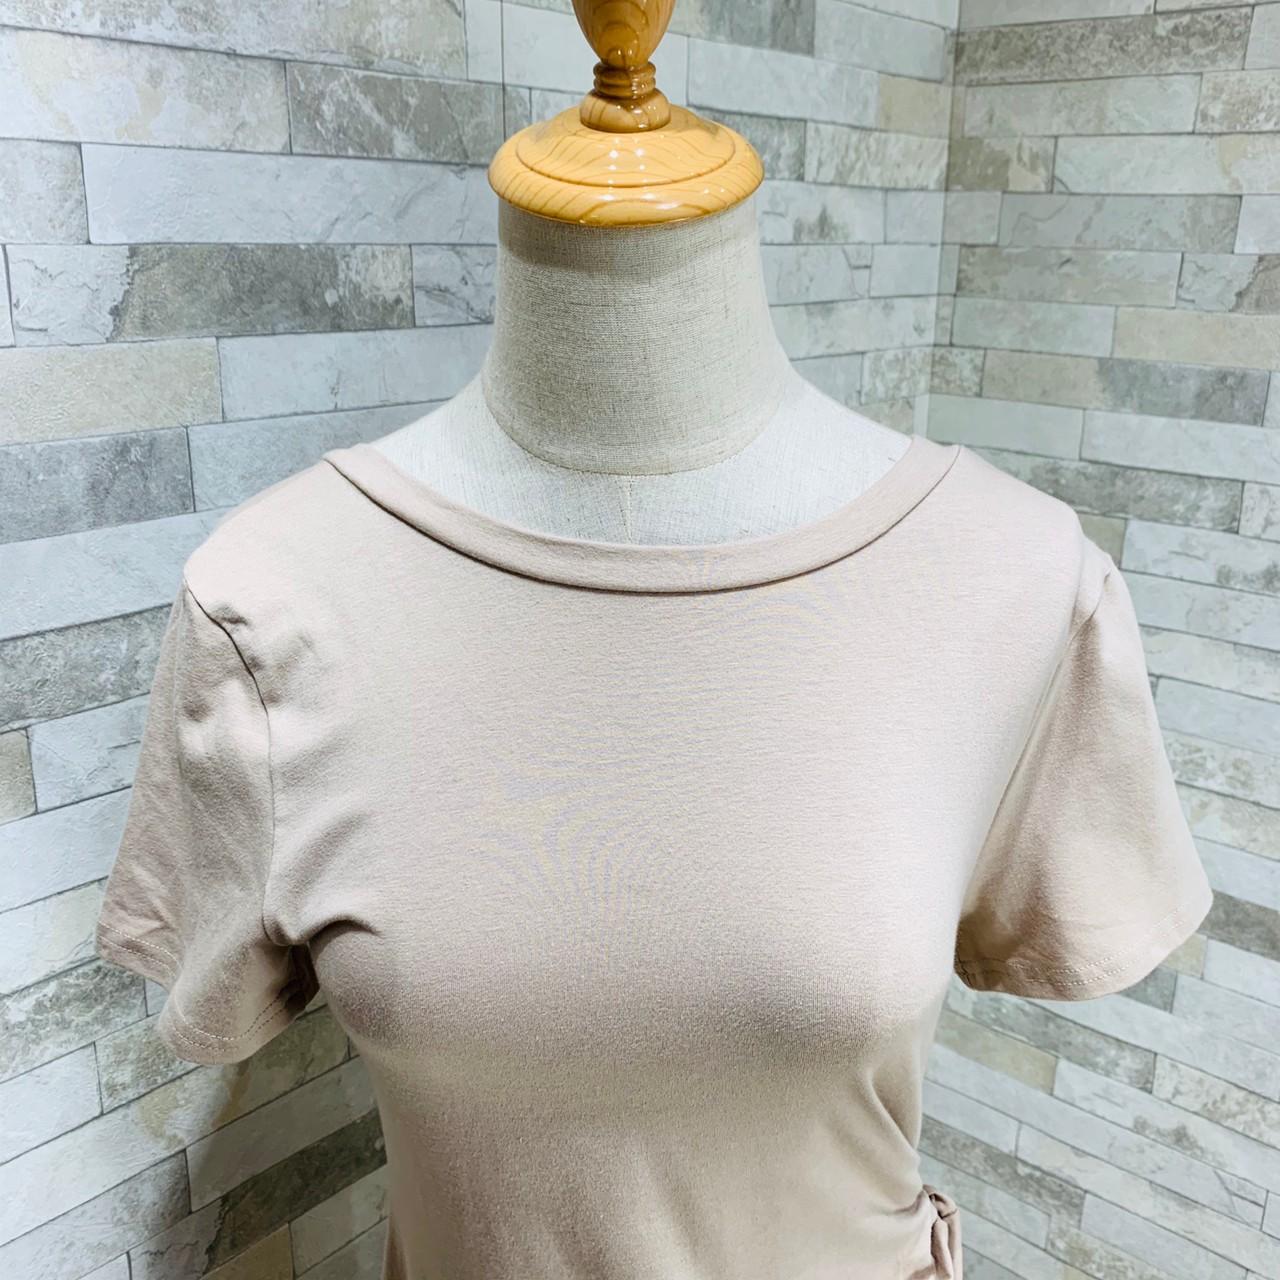 韓国 ファッション ワンピース 夏 春 カジュアル PTXI188  アシンメトリー ツイスト ドレープ スリット オルチャン シンプル 定番 セレカジの写真17枚目